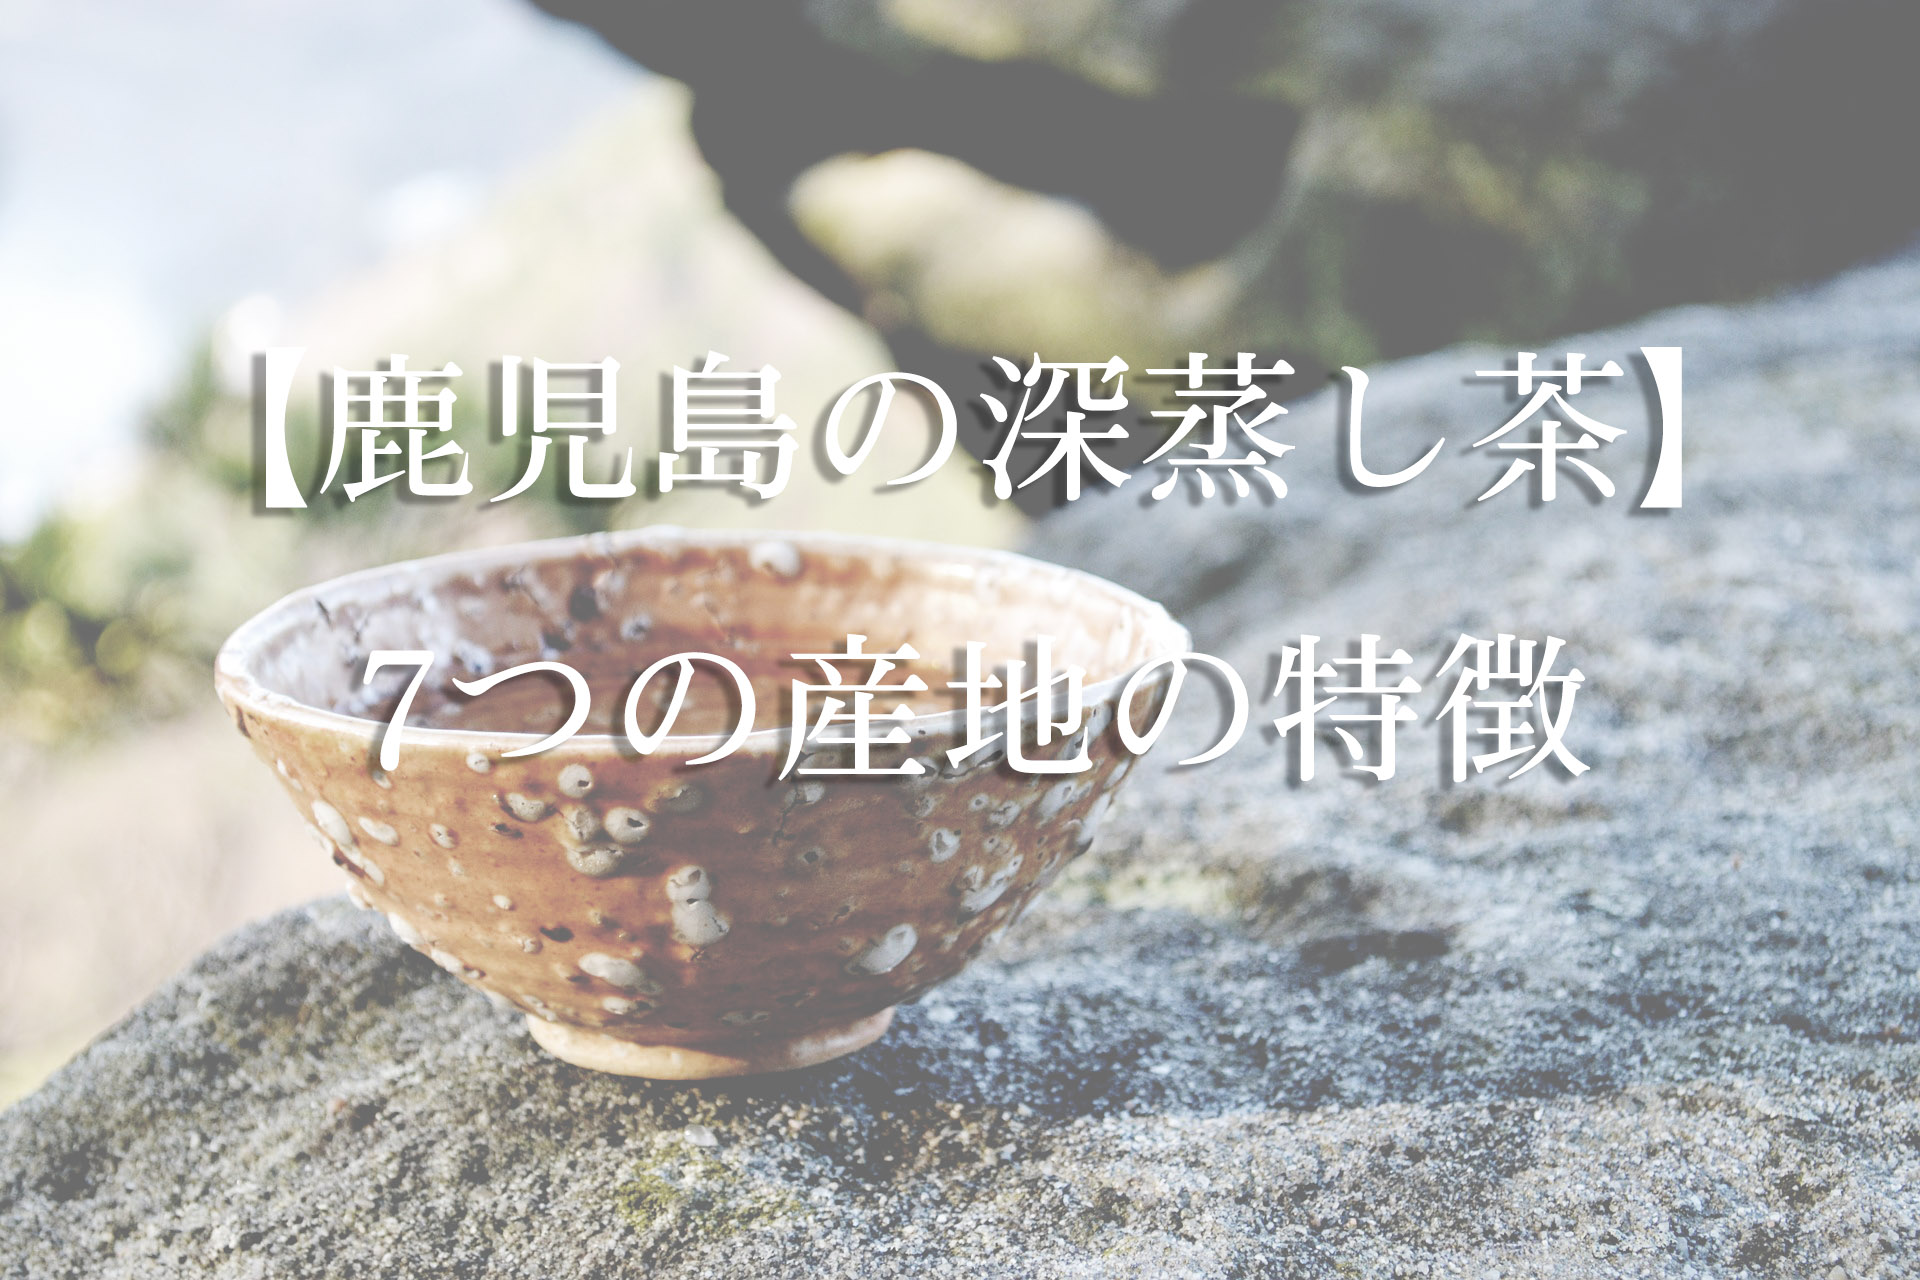 【鹿児島の深蒸し茶】7つの産地の特徴